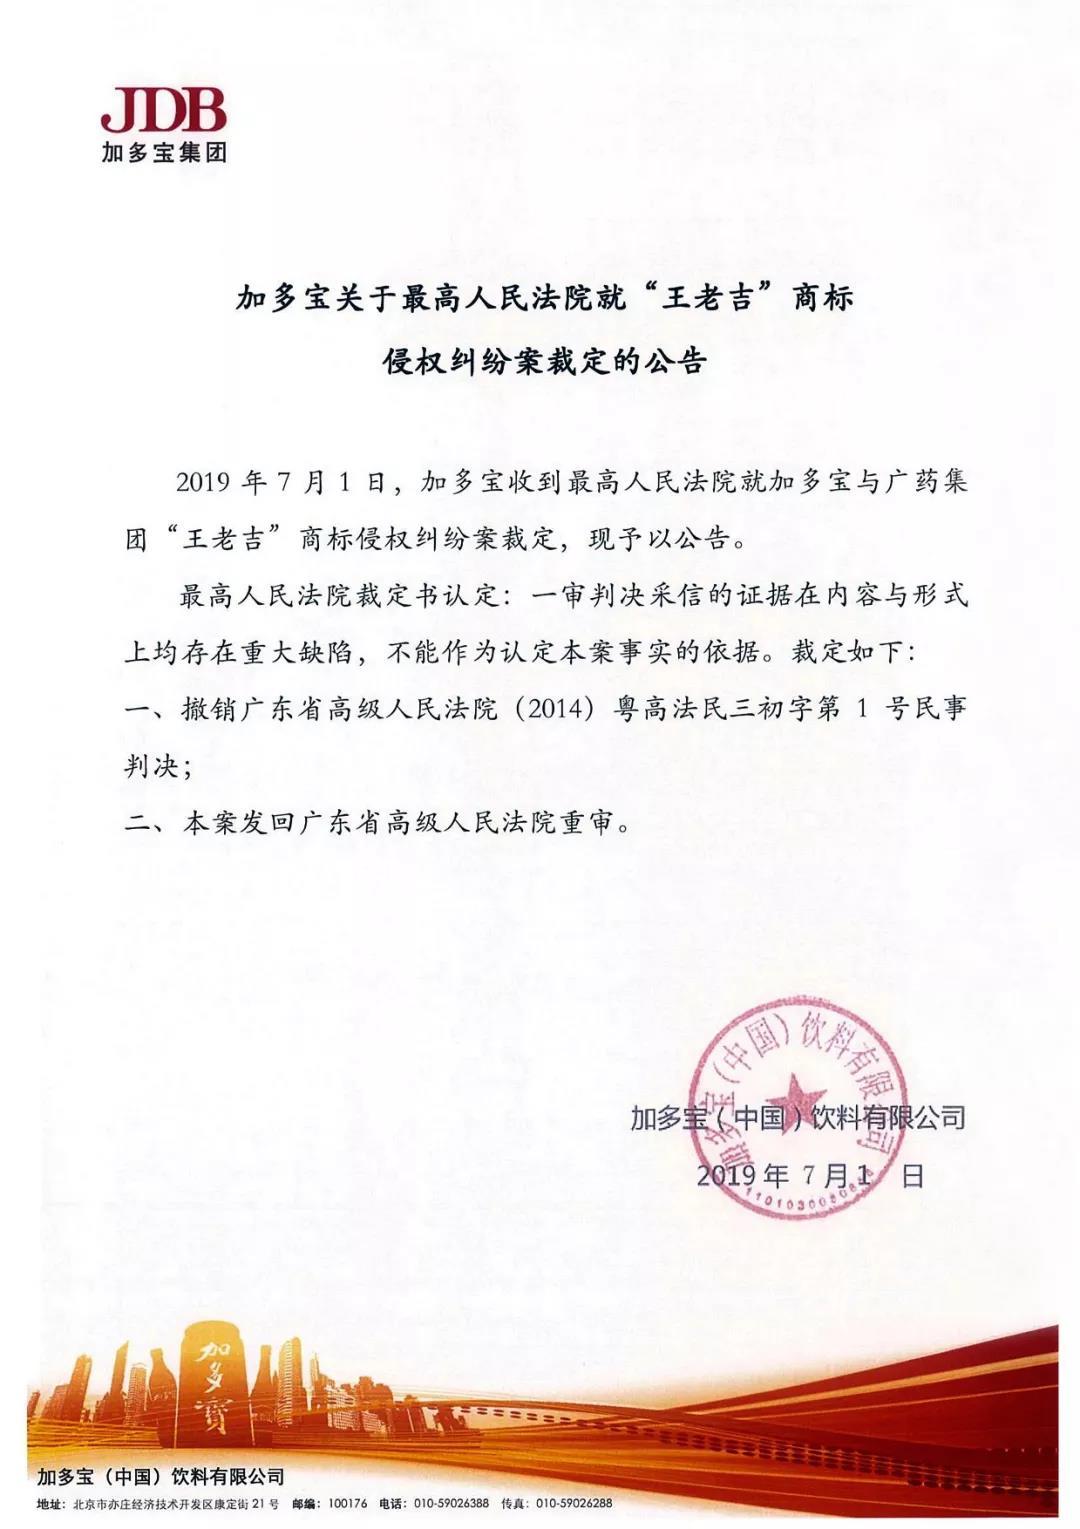 最高法:加多宝与王老吉商标侵权纠纷案将发回重审